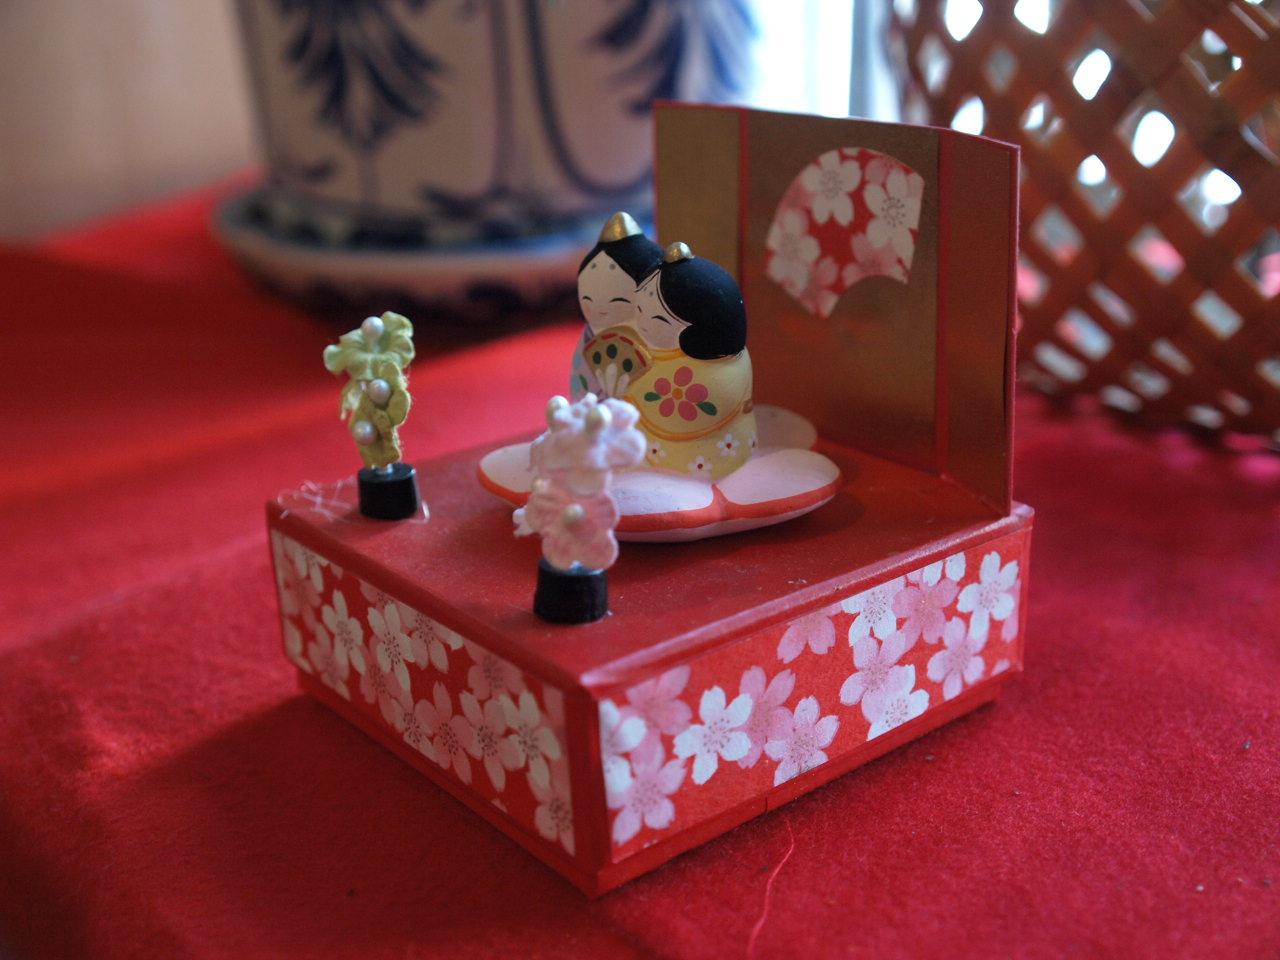 昨日は佐賀の「玄米食 おひさま」さんにお邪魔していたのですが、かわいいお雛様、りりしいお雛様など飾ってありました。来月いっぱいまでありますので、よろしかったらどうぞ。